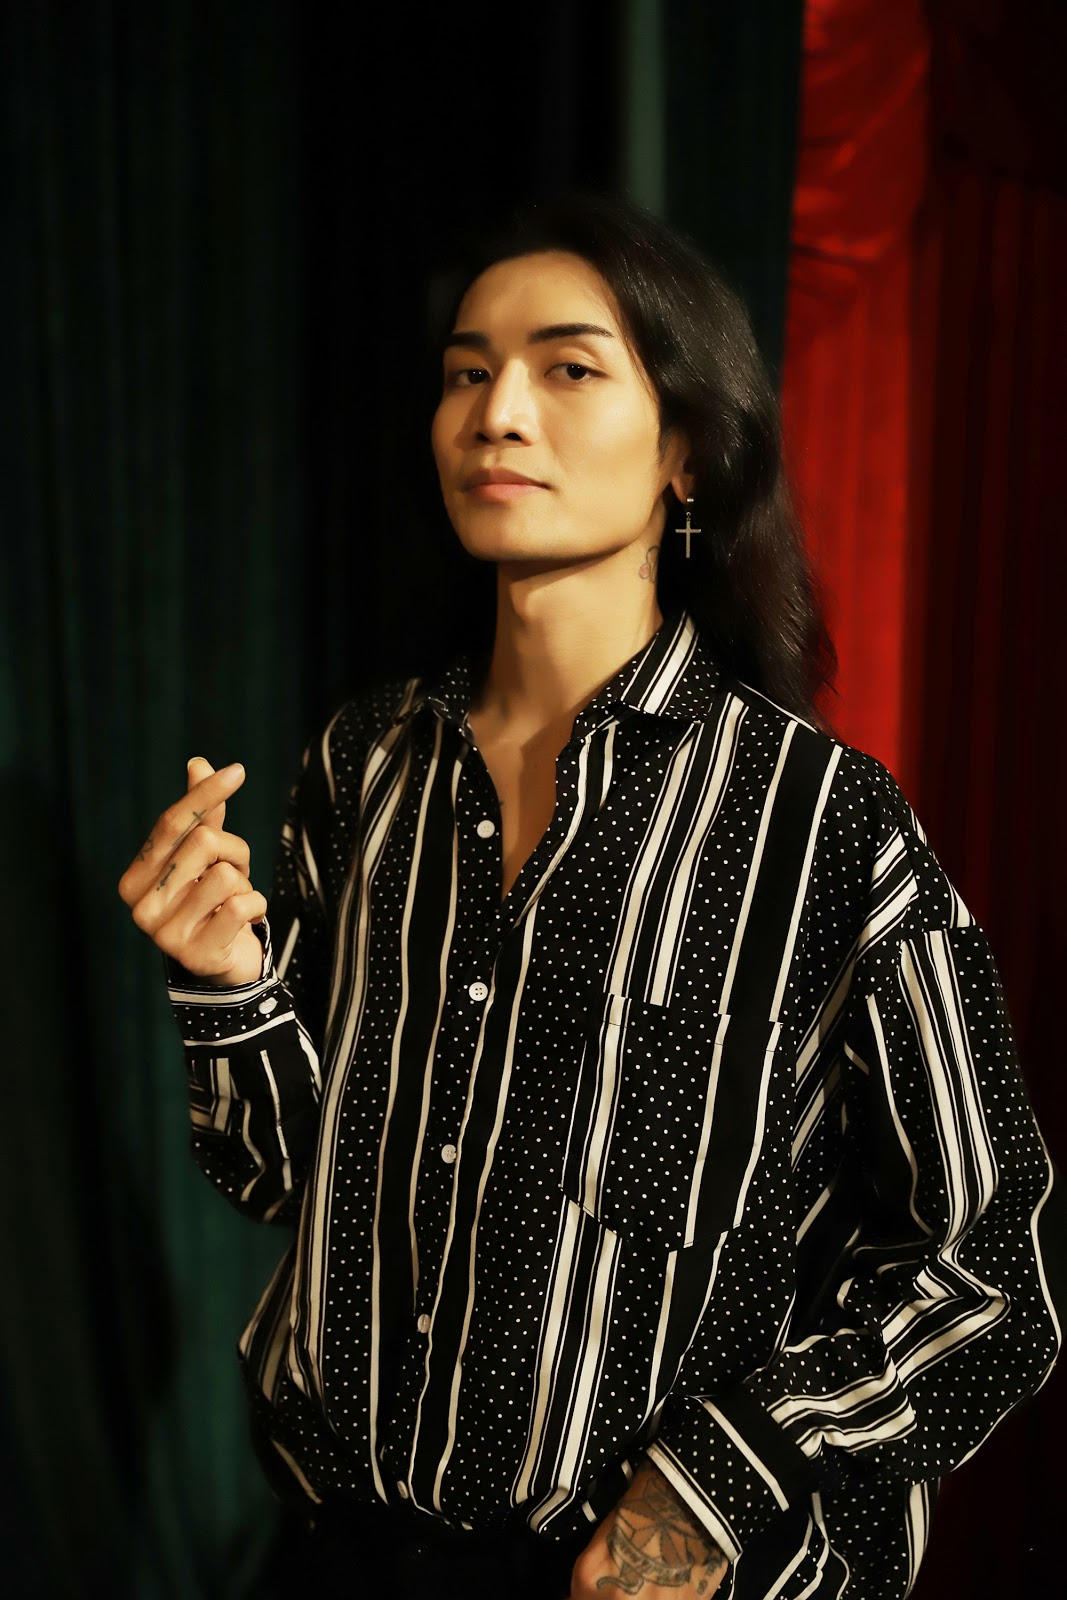 BB Trần, Hải Triều thần thái sắc lẹm, chặt chém hội chị em trong web drama cổ trang của Adam Lâm - Hình 13